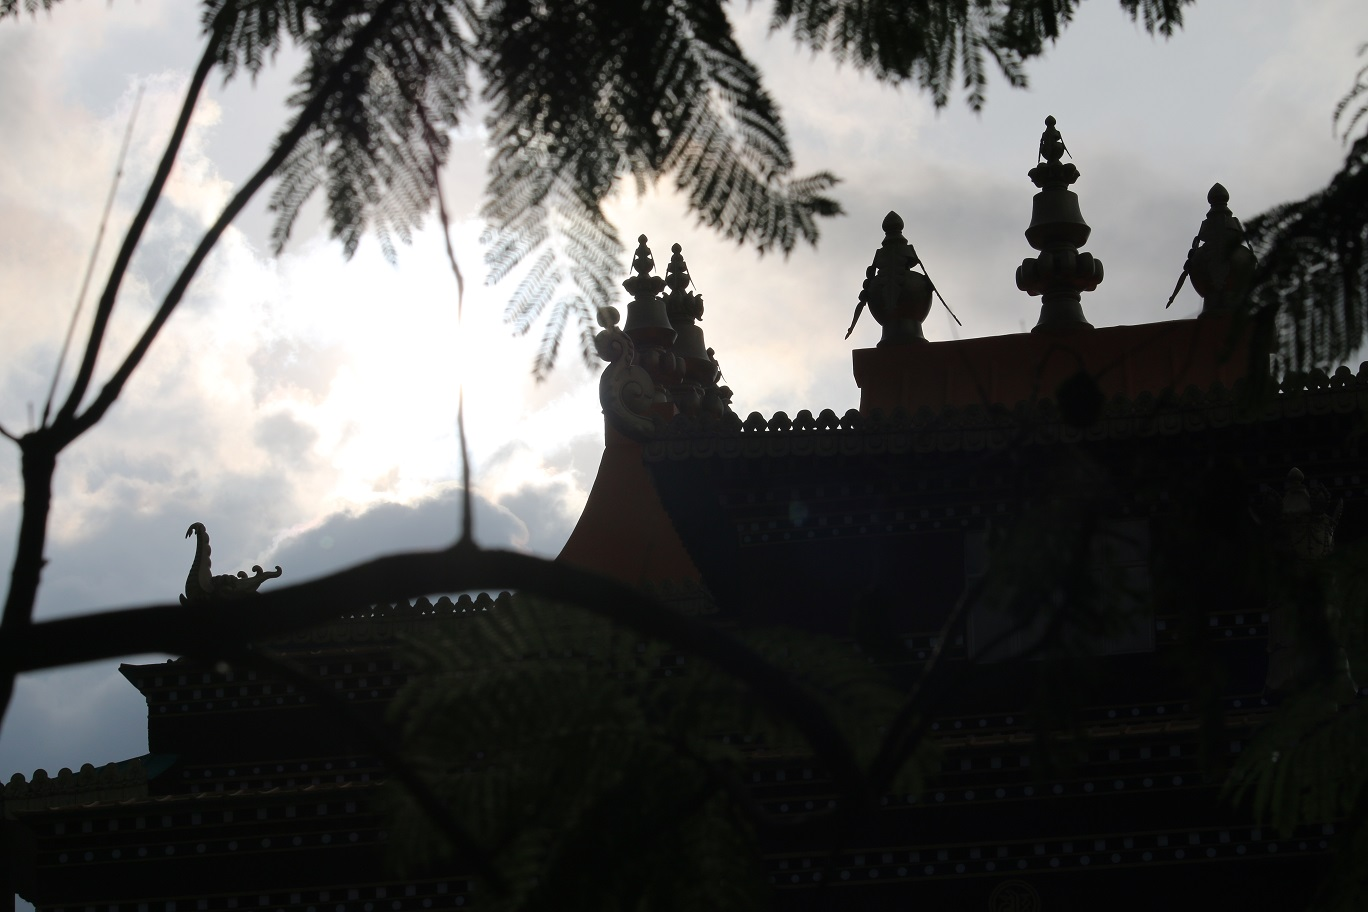 དགོང་ཁའི་གན་ཇི་ར།